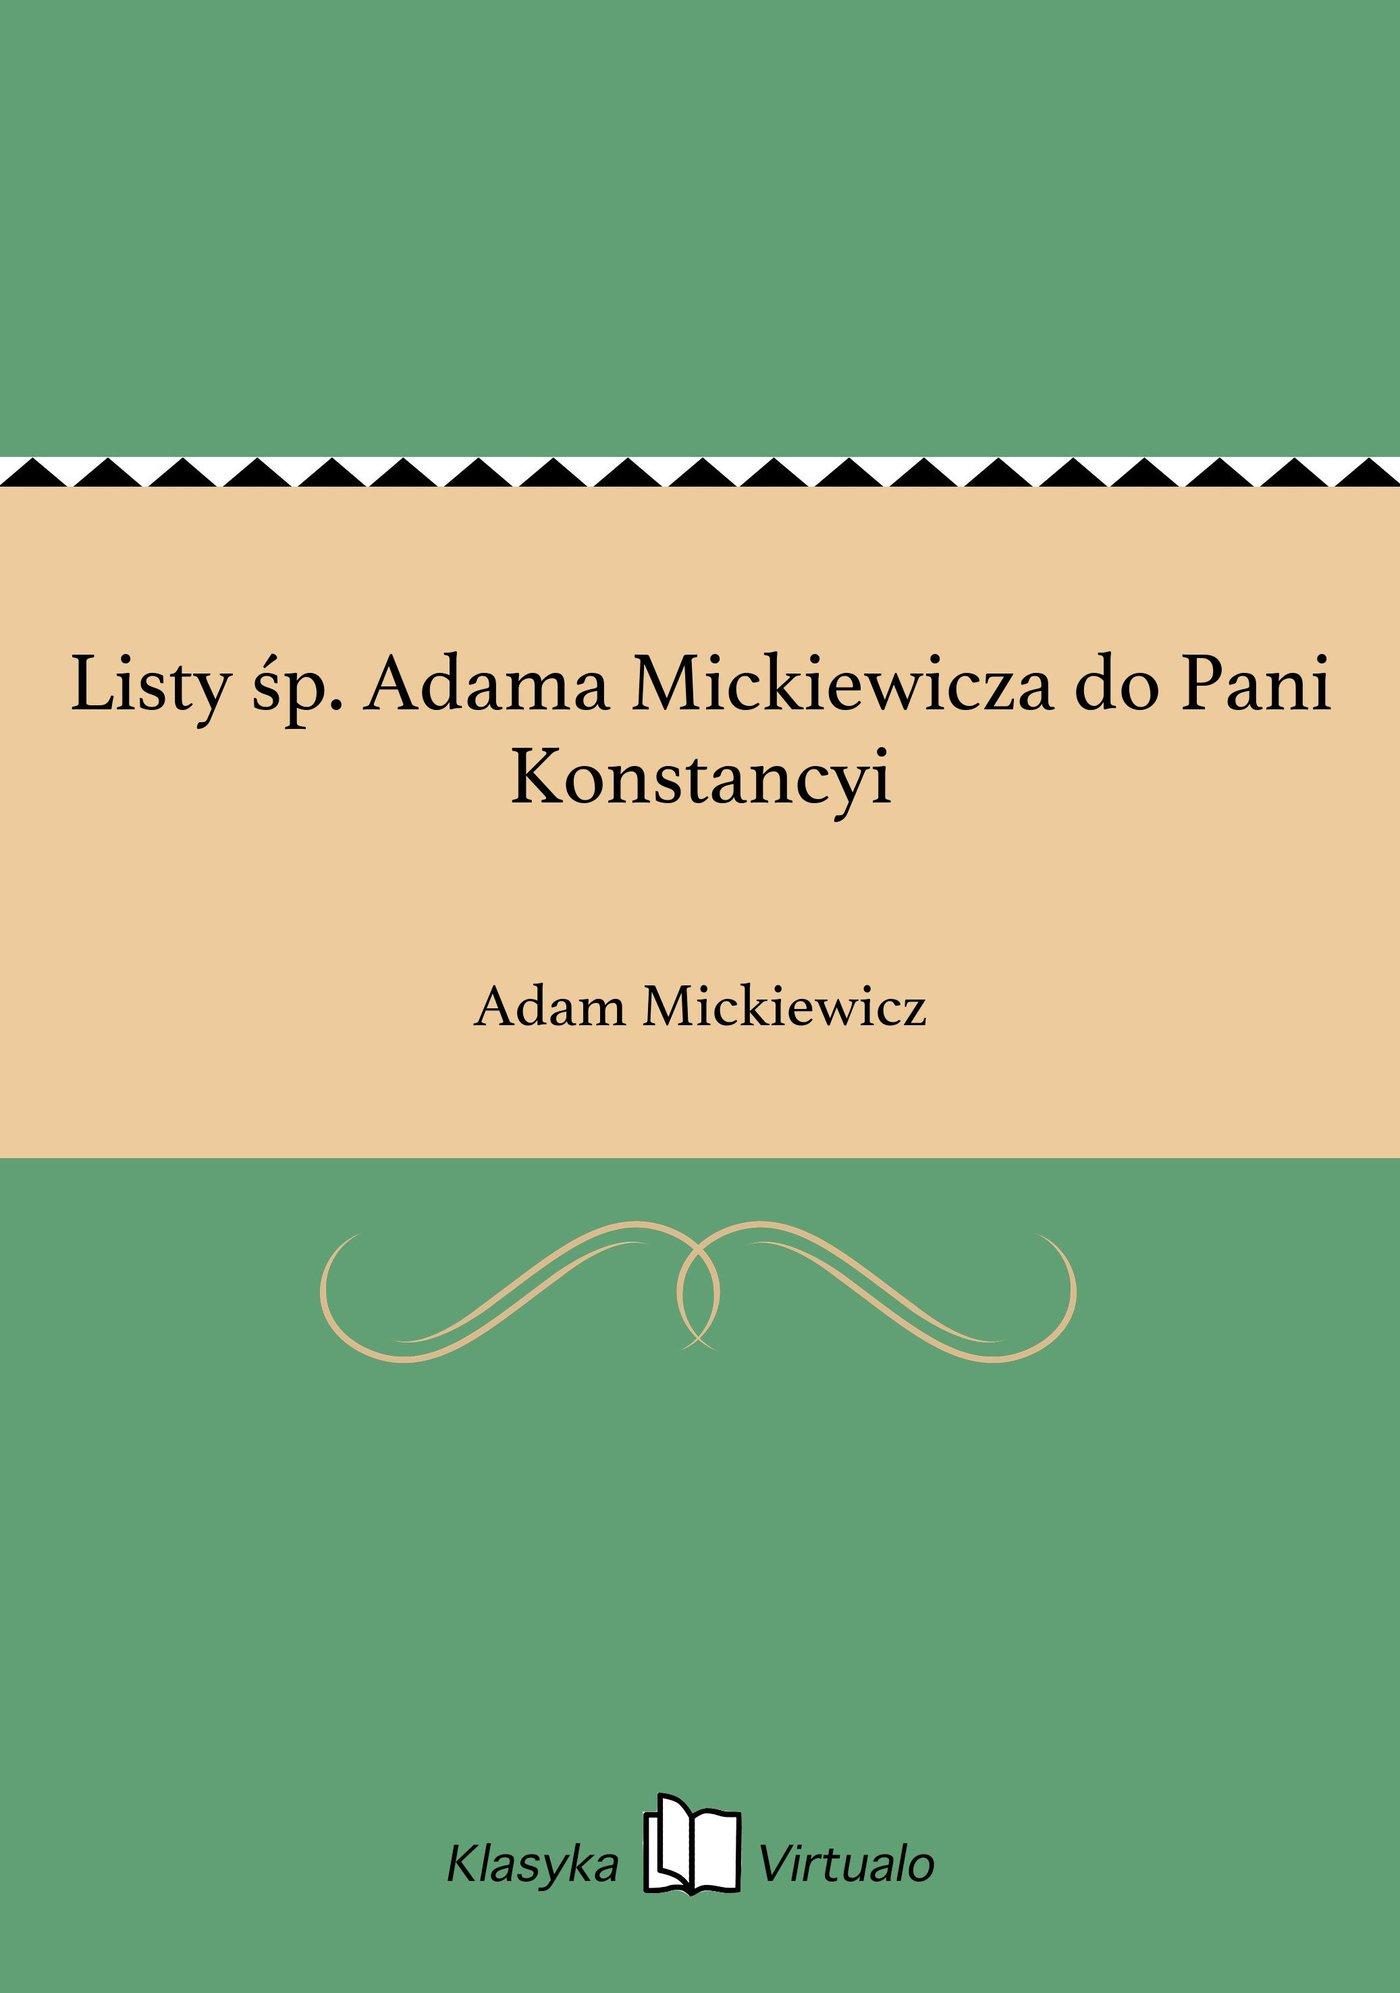 Listy śp. Adama Mickiewicza do Pani Konstancyi - Ebook (Książka EPUB) do pobrania w formacie EPUB